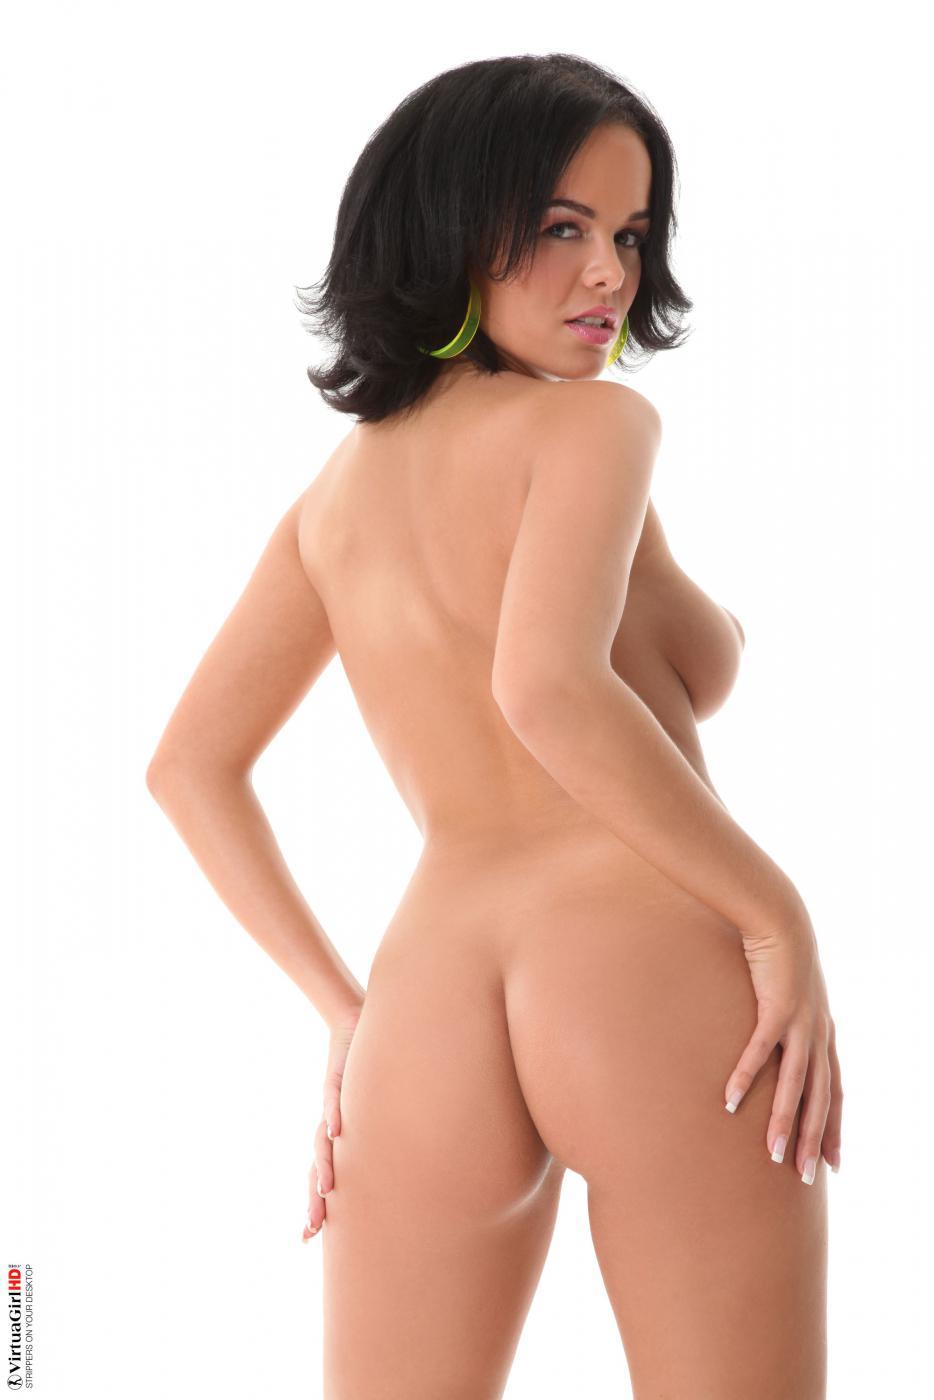 Брюнетка Linet Slag открывает вид на свою стриженную киску и большую грудь